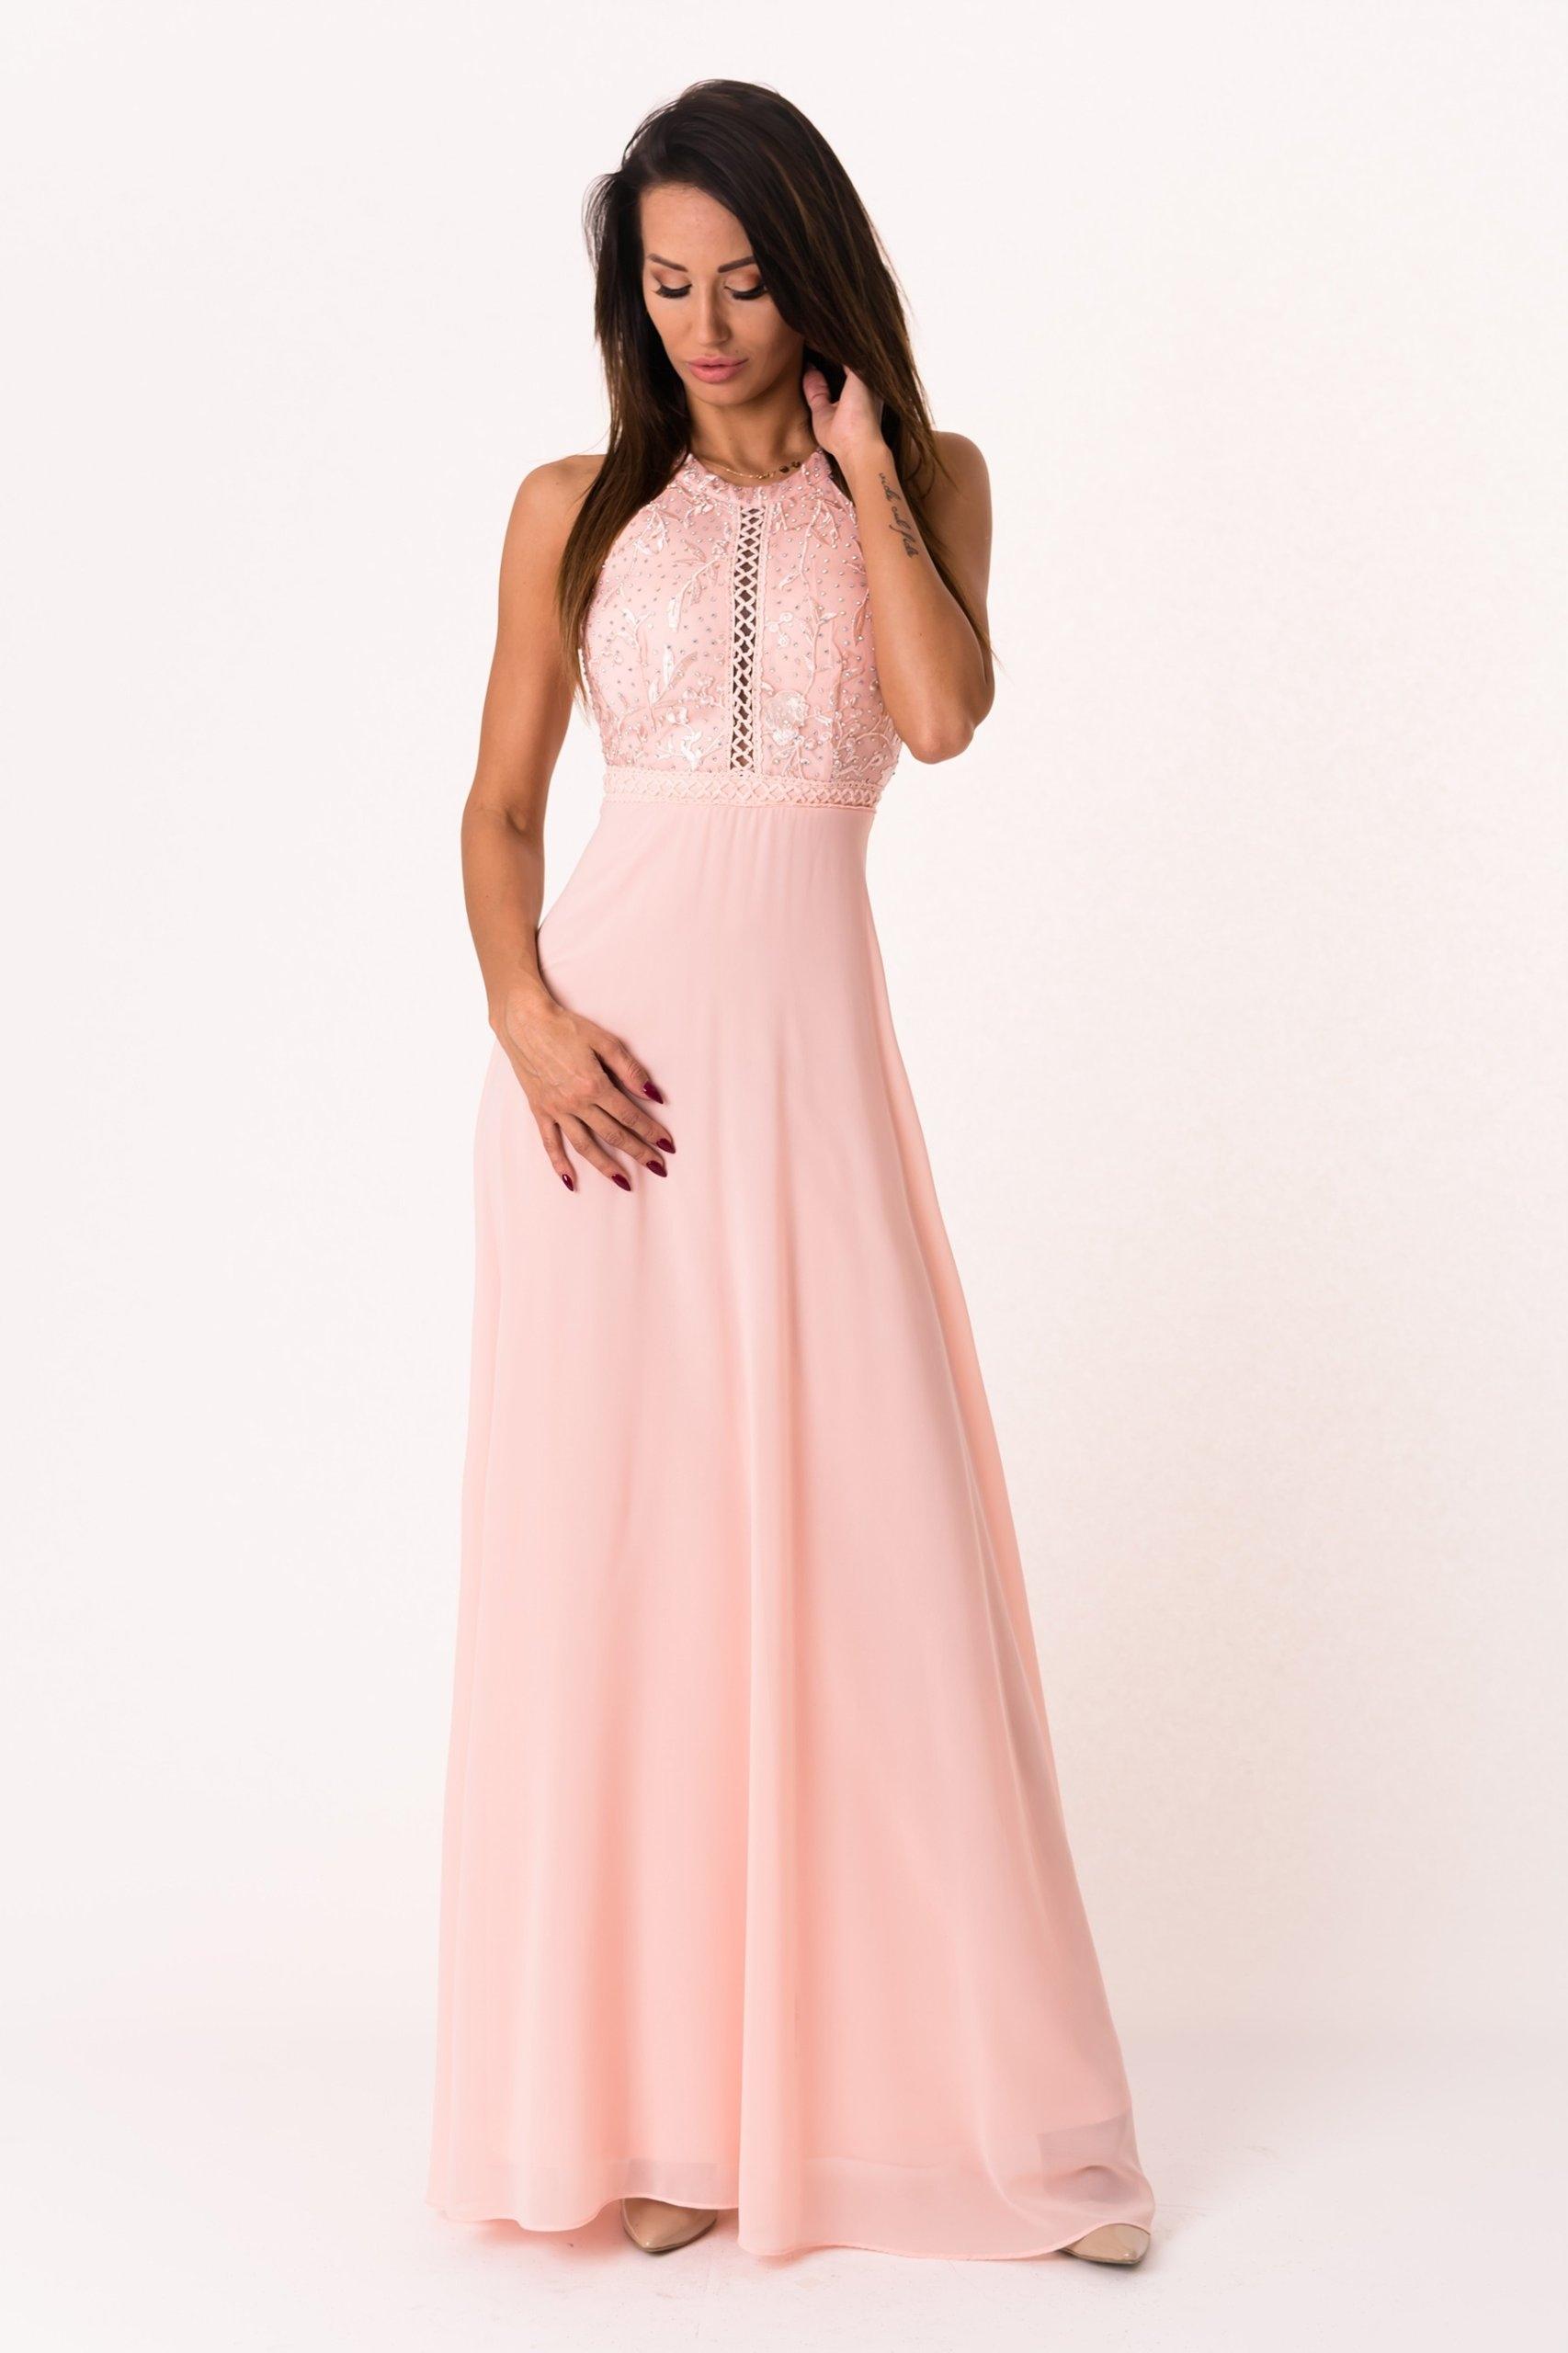 06cef2f97a Długa suknia z cyrkoniami - pudrowy róż L - 7200906084 - oficjalne ...